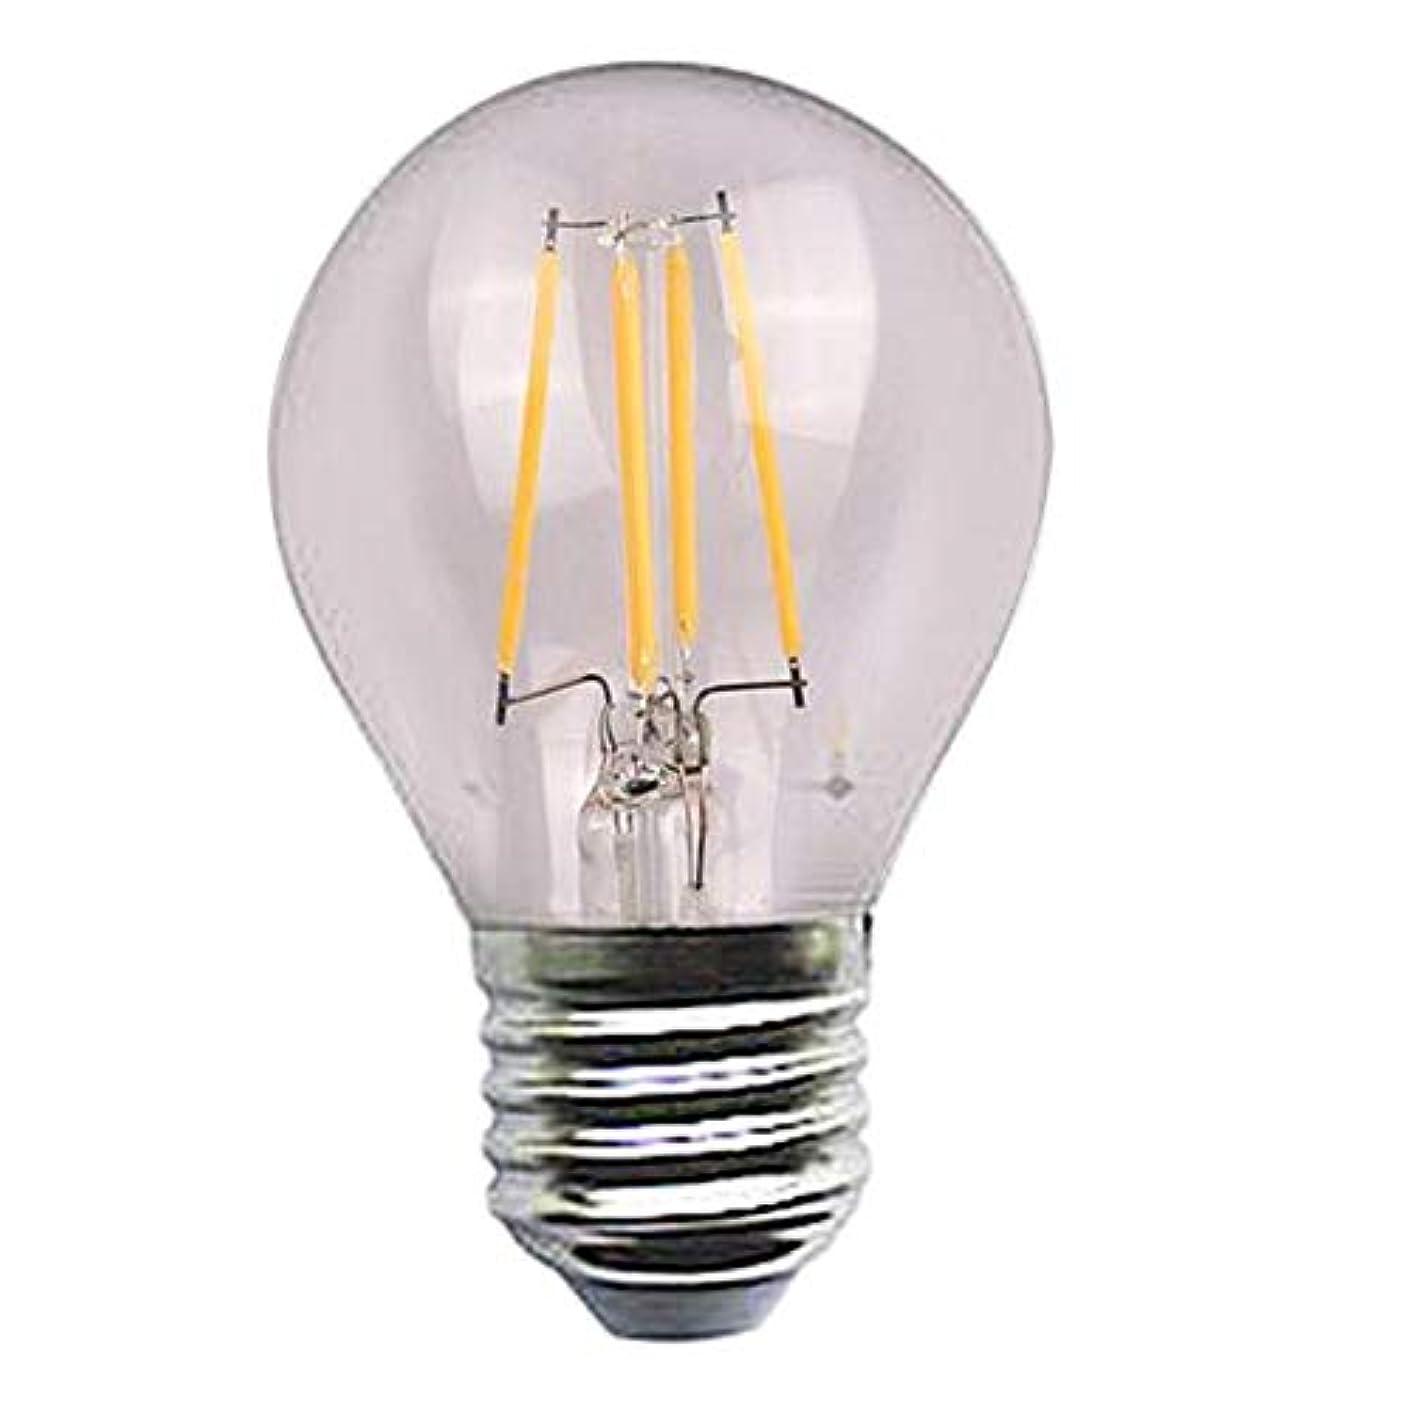 心臓ハプニングパーツエジソンはフィラメントシリーズ球根4w 110-220vの銀ランプの頭部を導きました